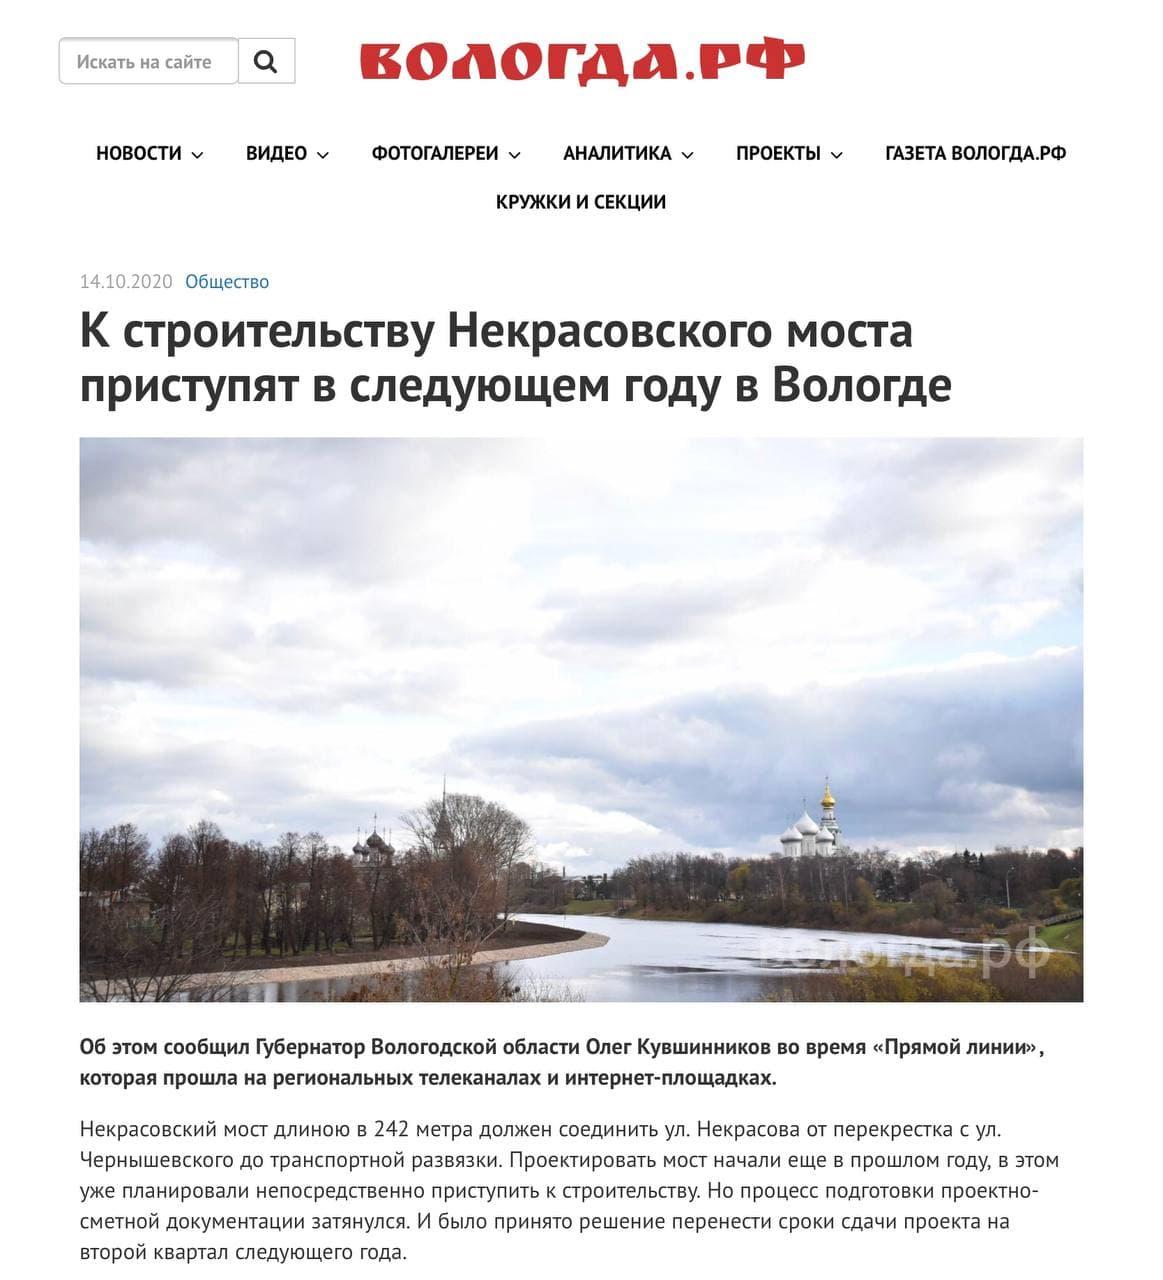 Строительство Некрасовского моста в Вологде (4).jpg